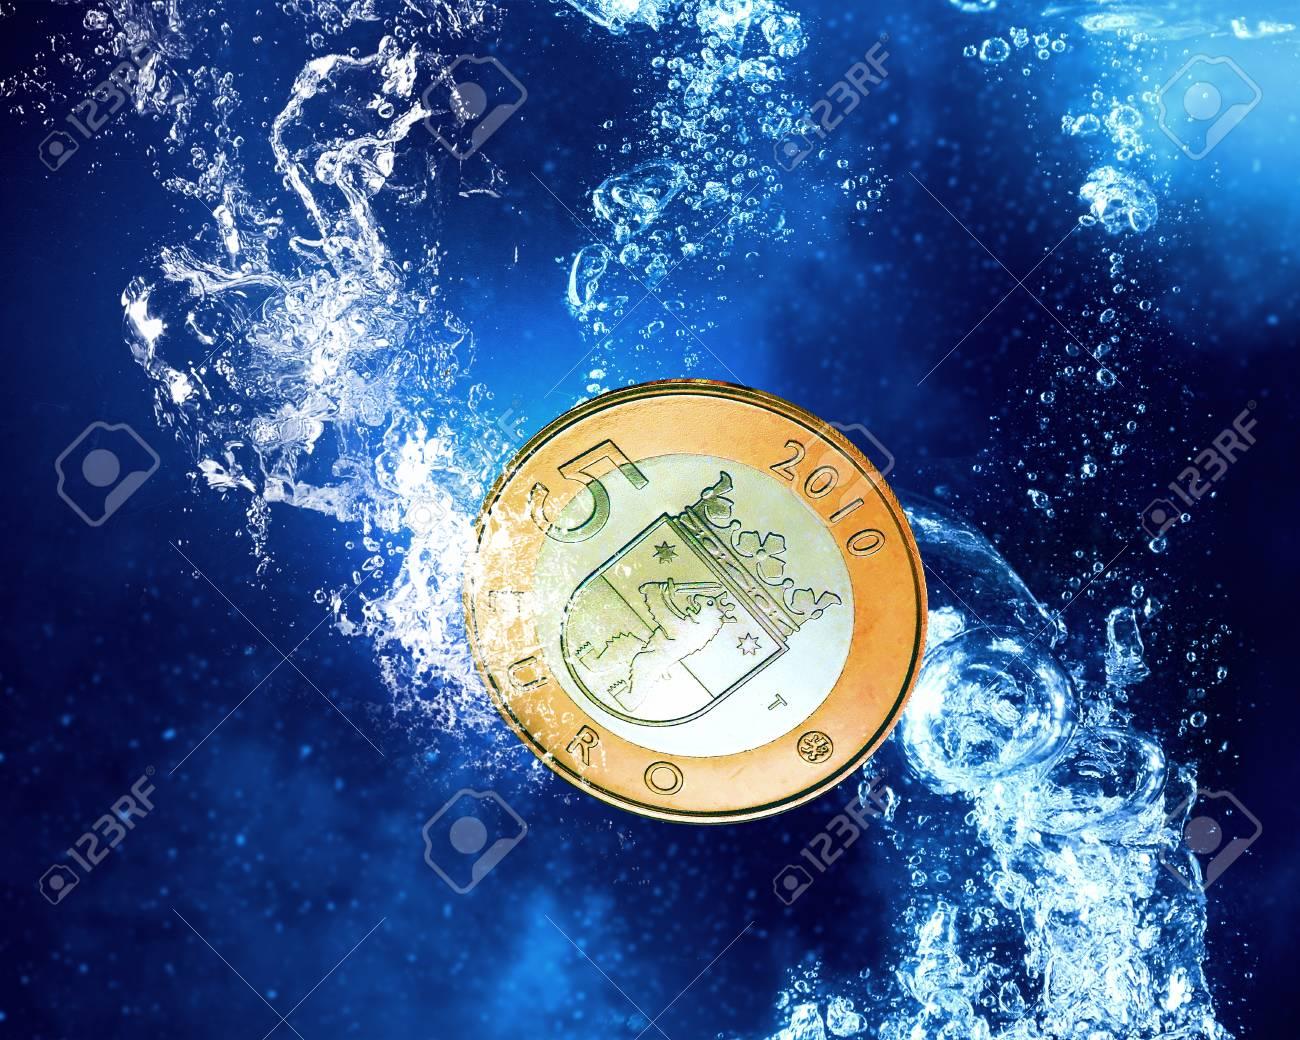 Fünf Euro Münze In Klaren Blauen Wasser Lizenzfreie Fotos Bilder